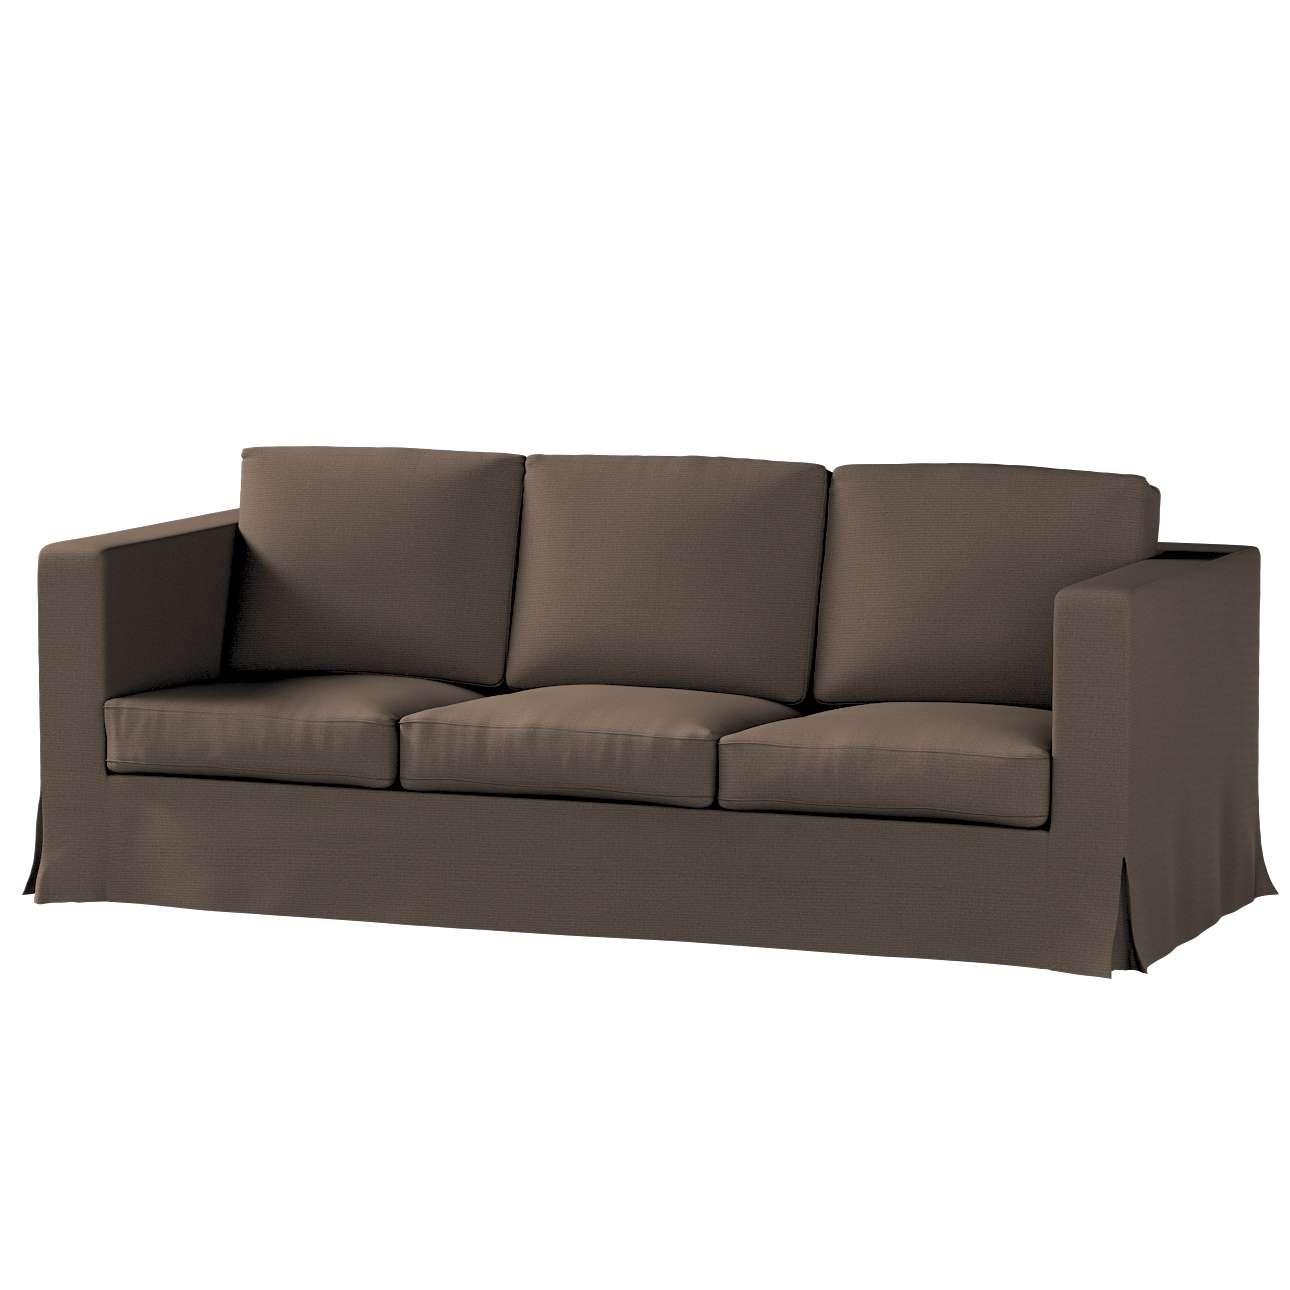 Pokrowiec na sofę Karlanda 3-osobową nierozkładaną, długi Sofa Karlanda 3-os w kolekcji Etna , tkanina: 705-08